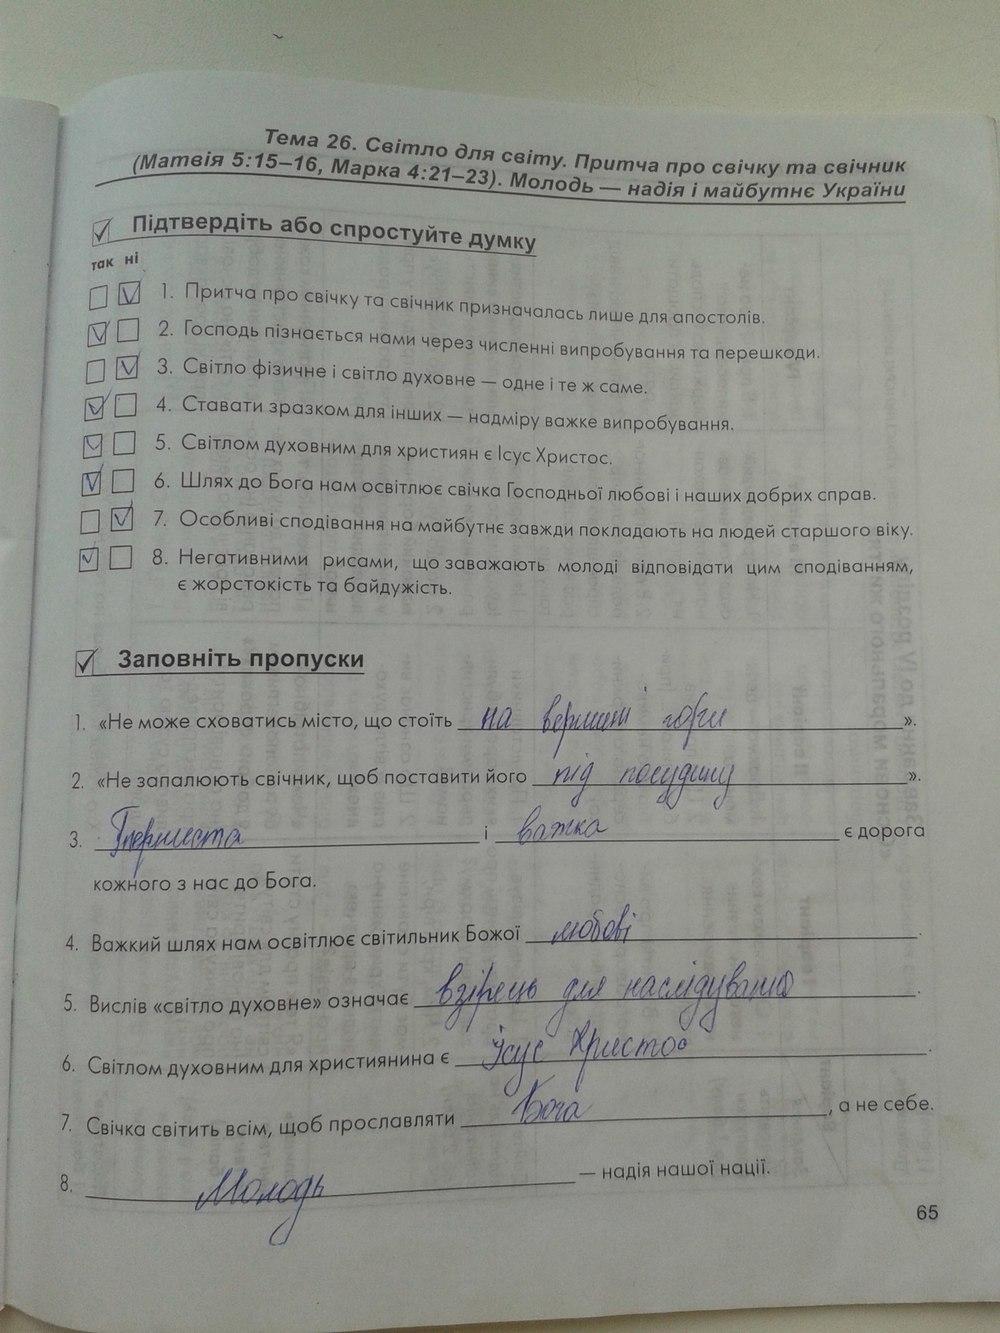 ГДЗ відповіді робочий зошит по этике 6 класс Г.О. Кізілова. Задание: стр. 65